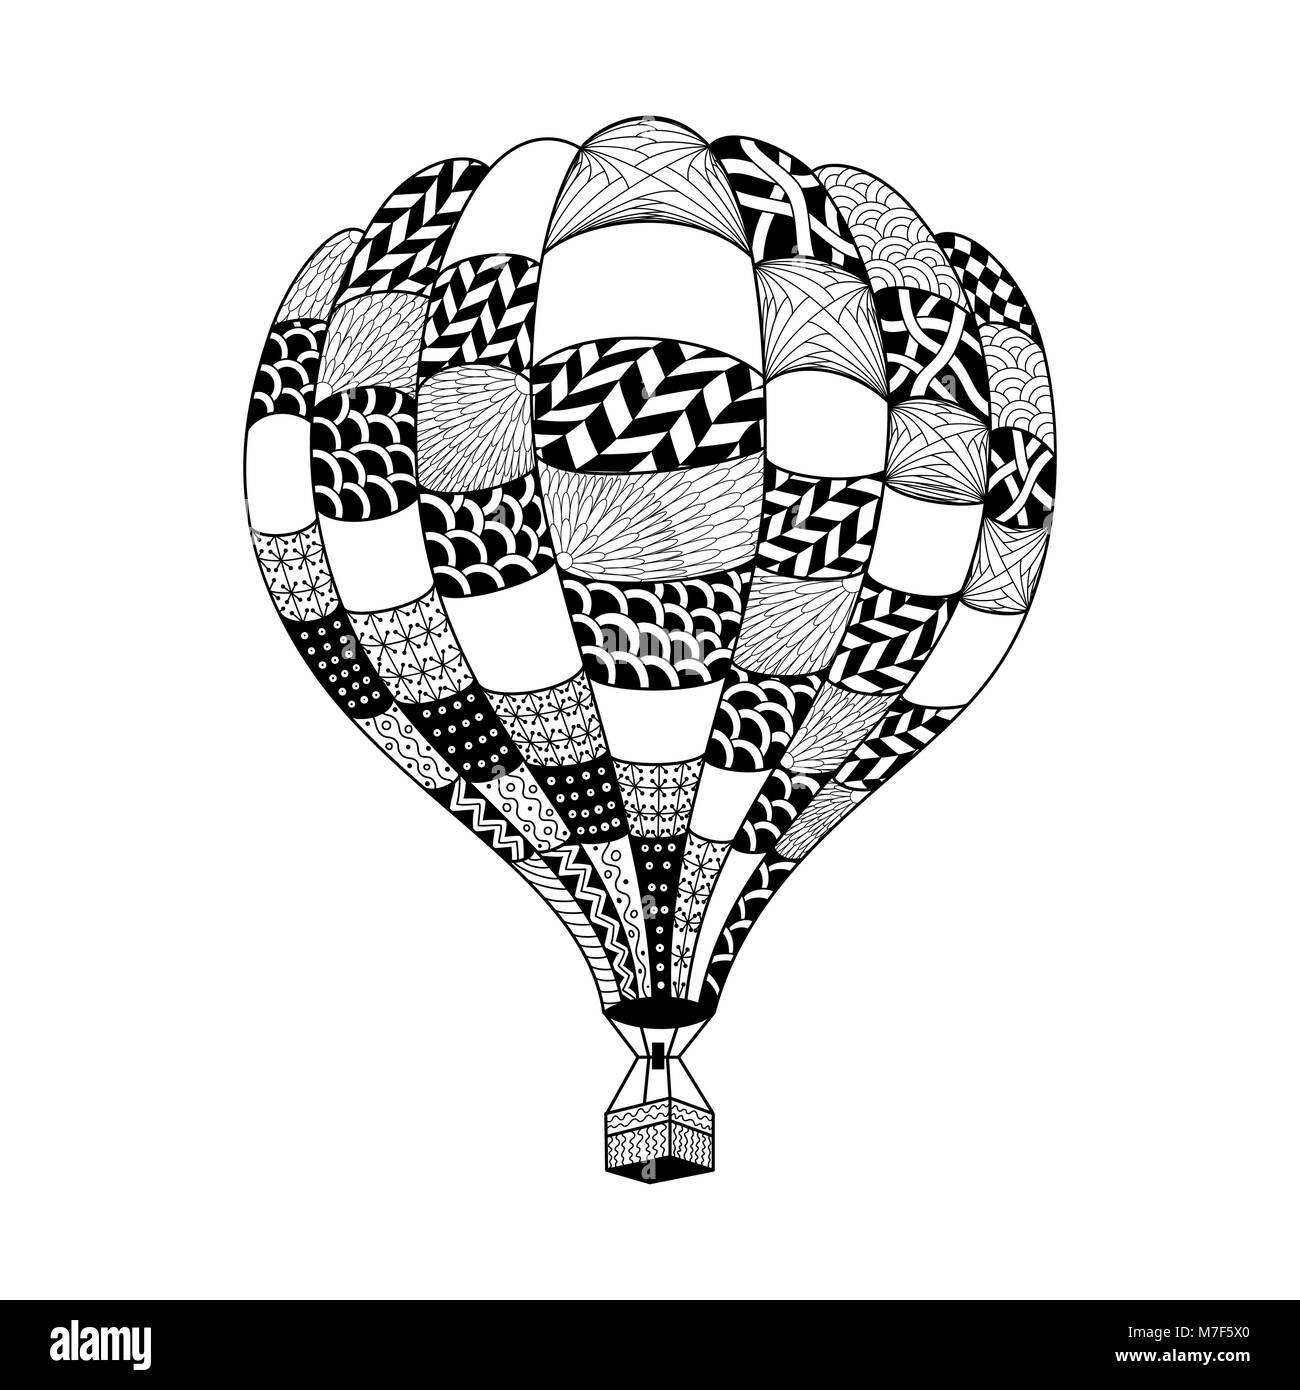 Hot Air Balloon Cartoon Design Stock Photos & Hot Air Balloon ...